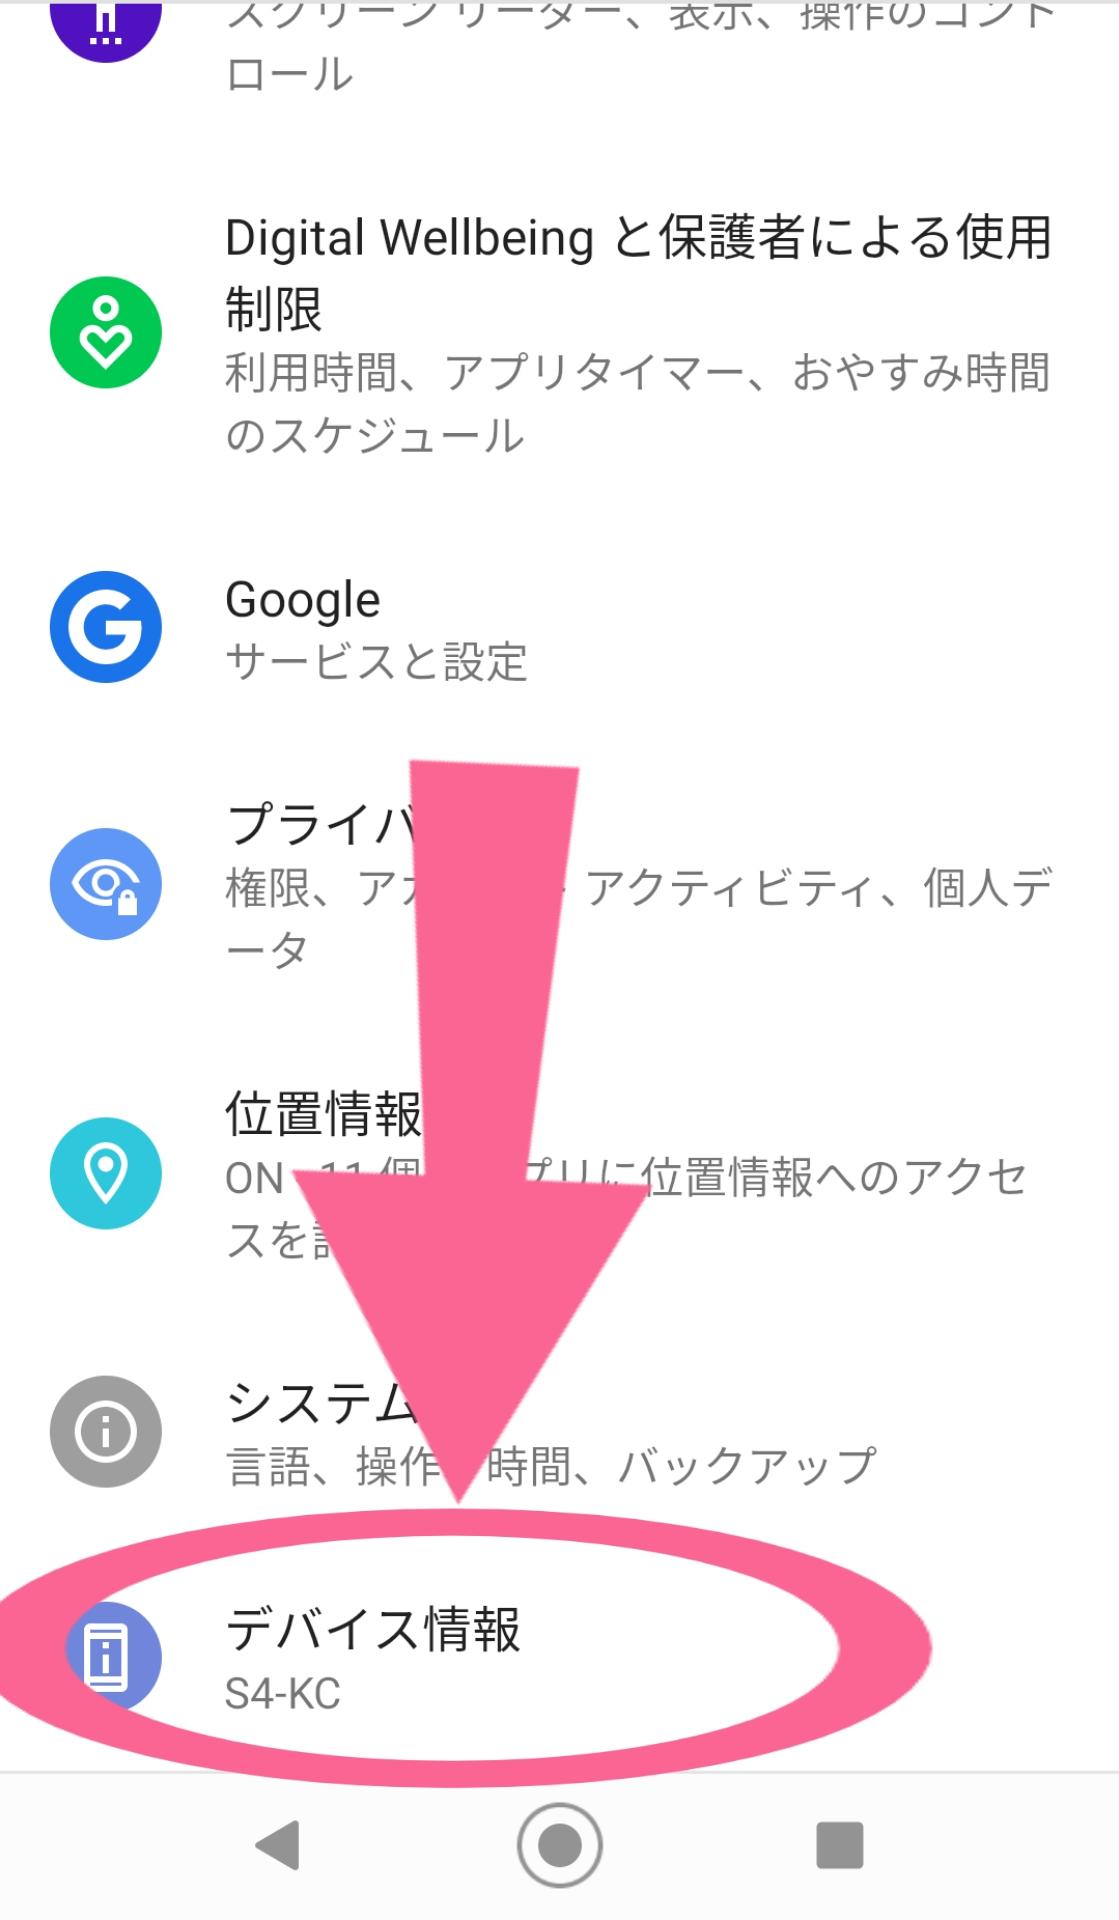 スマホ Android 設定 デバイス情報 タップ